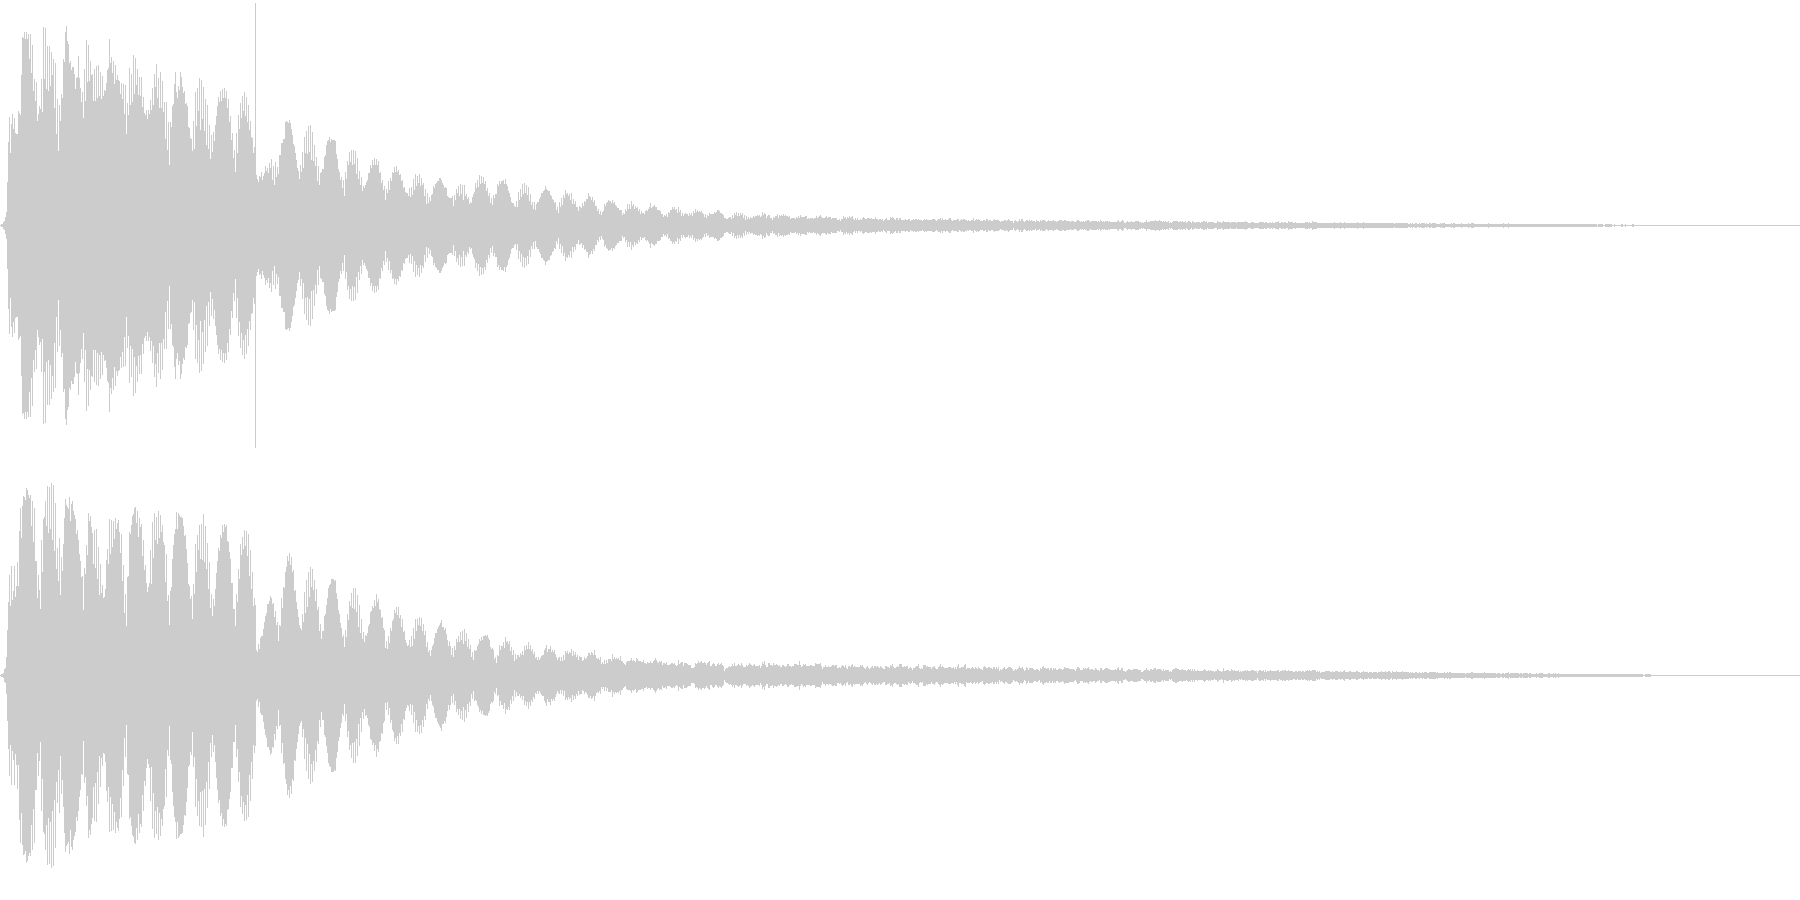 映画 ゲームの効果音 2の未再生の波形